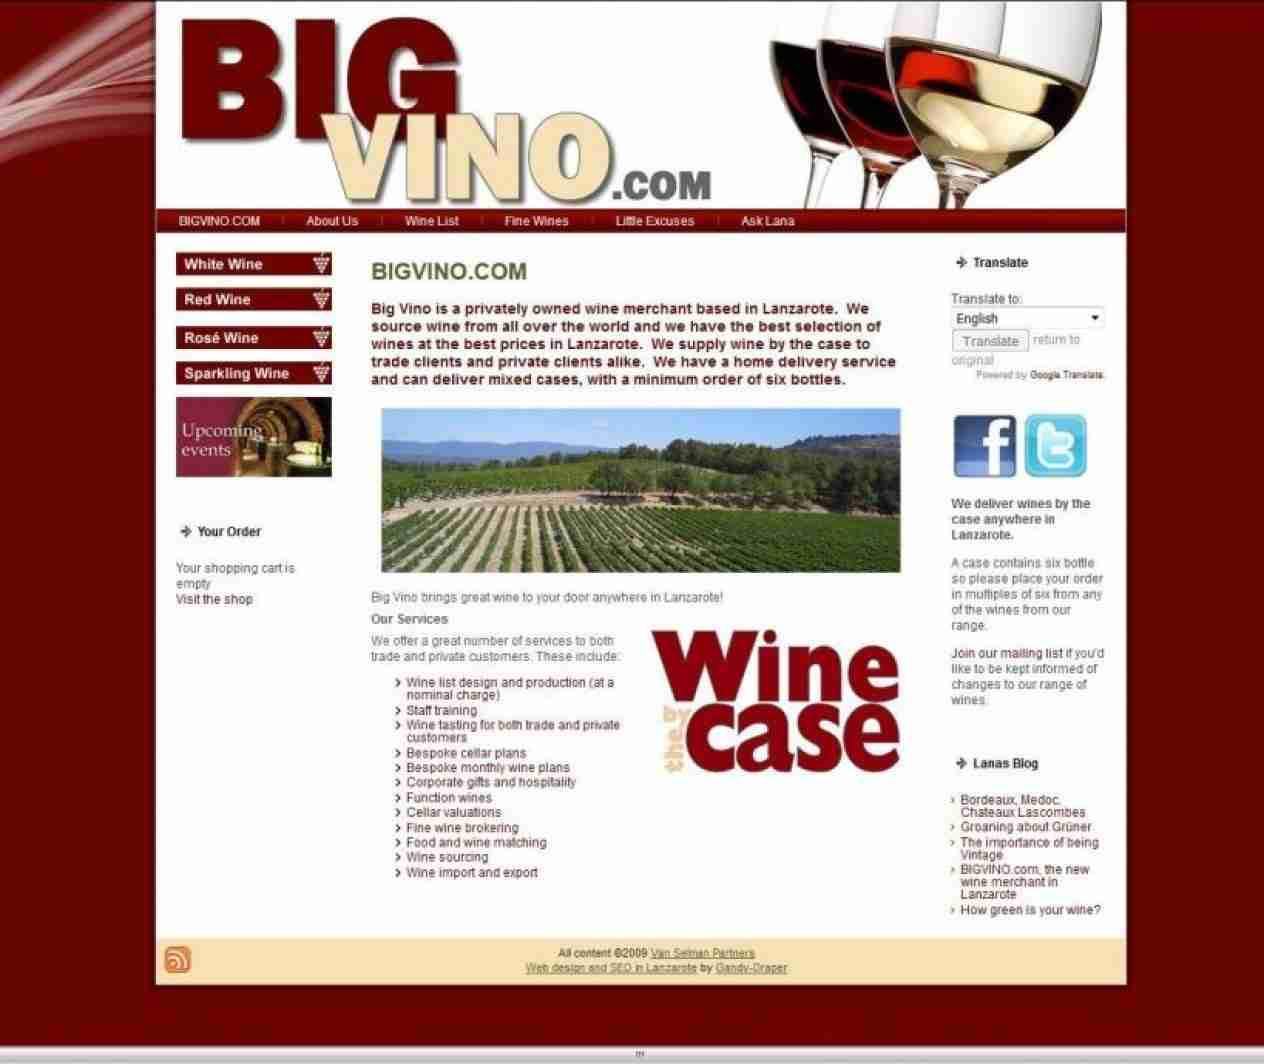 Big Vino